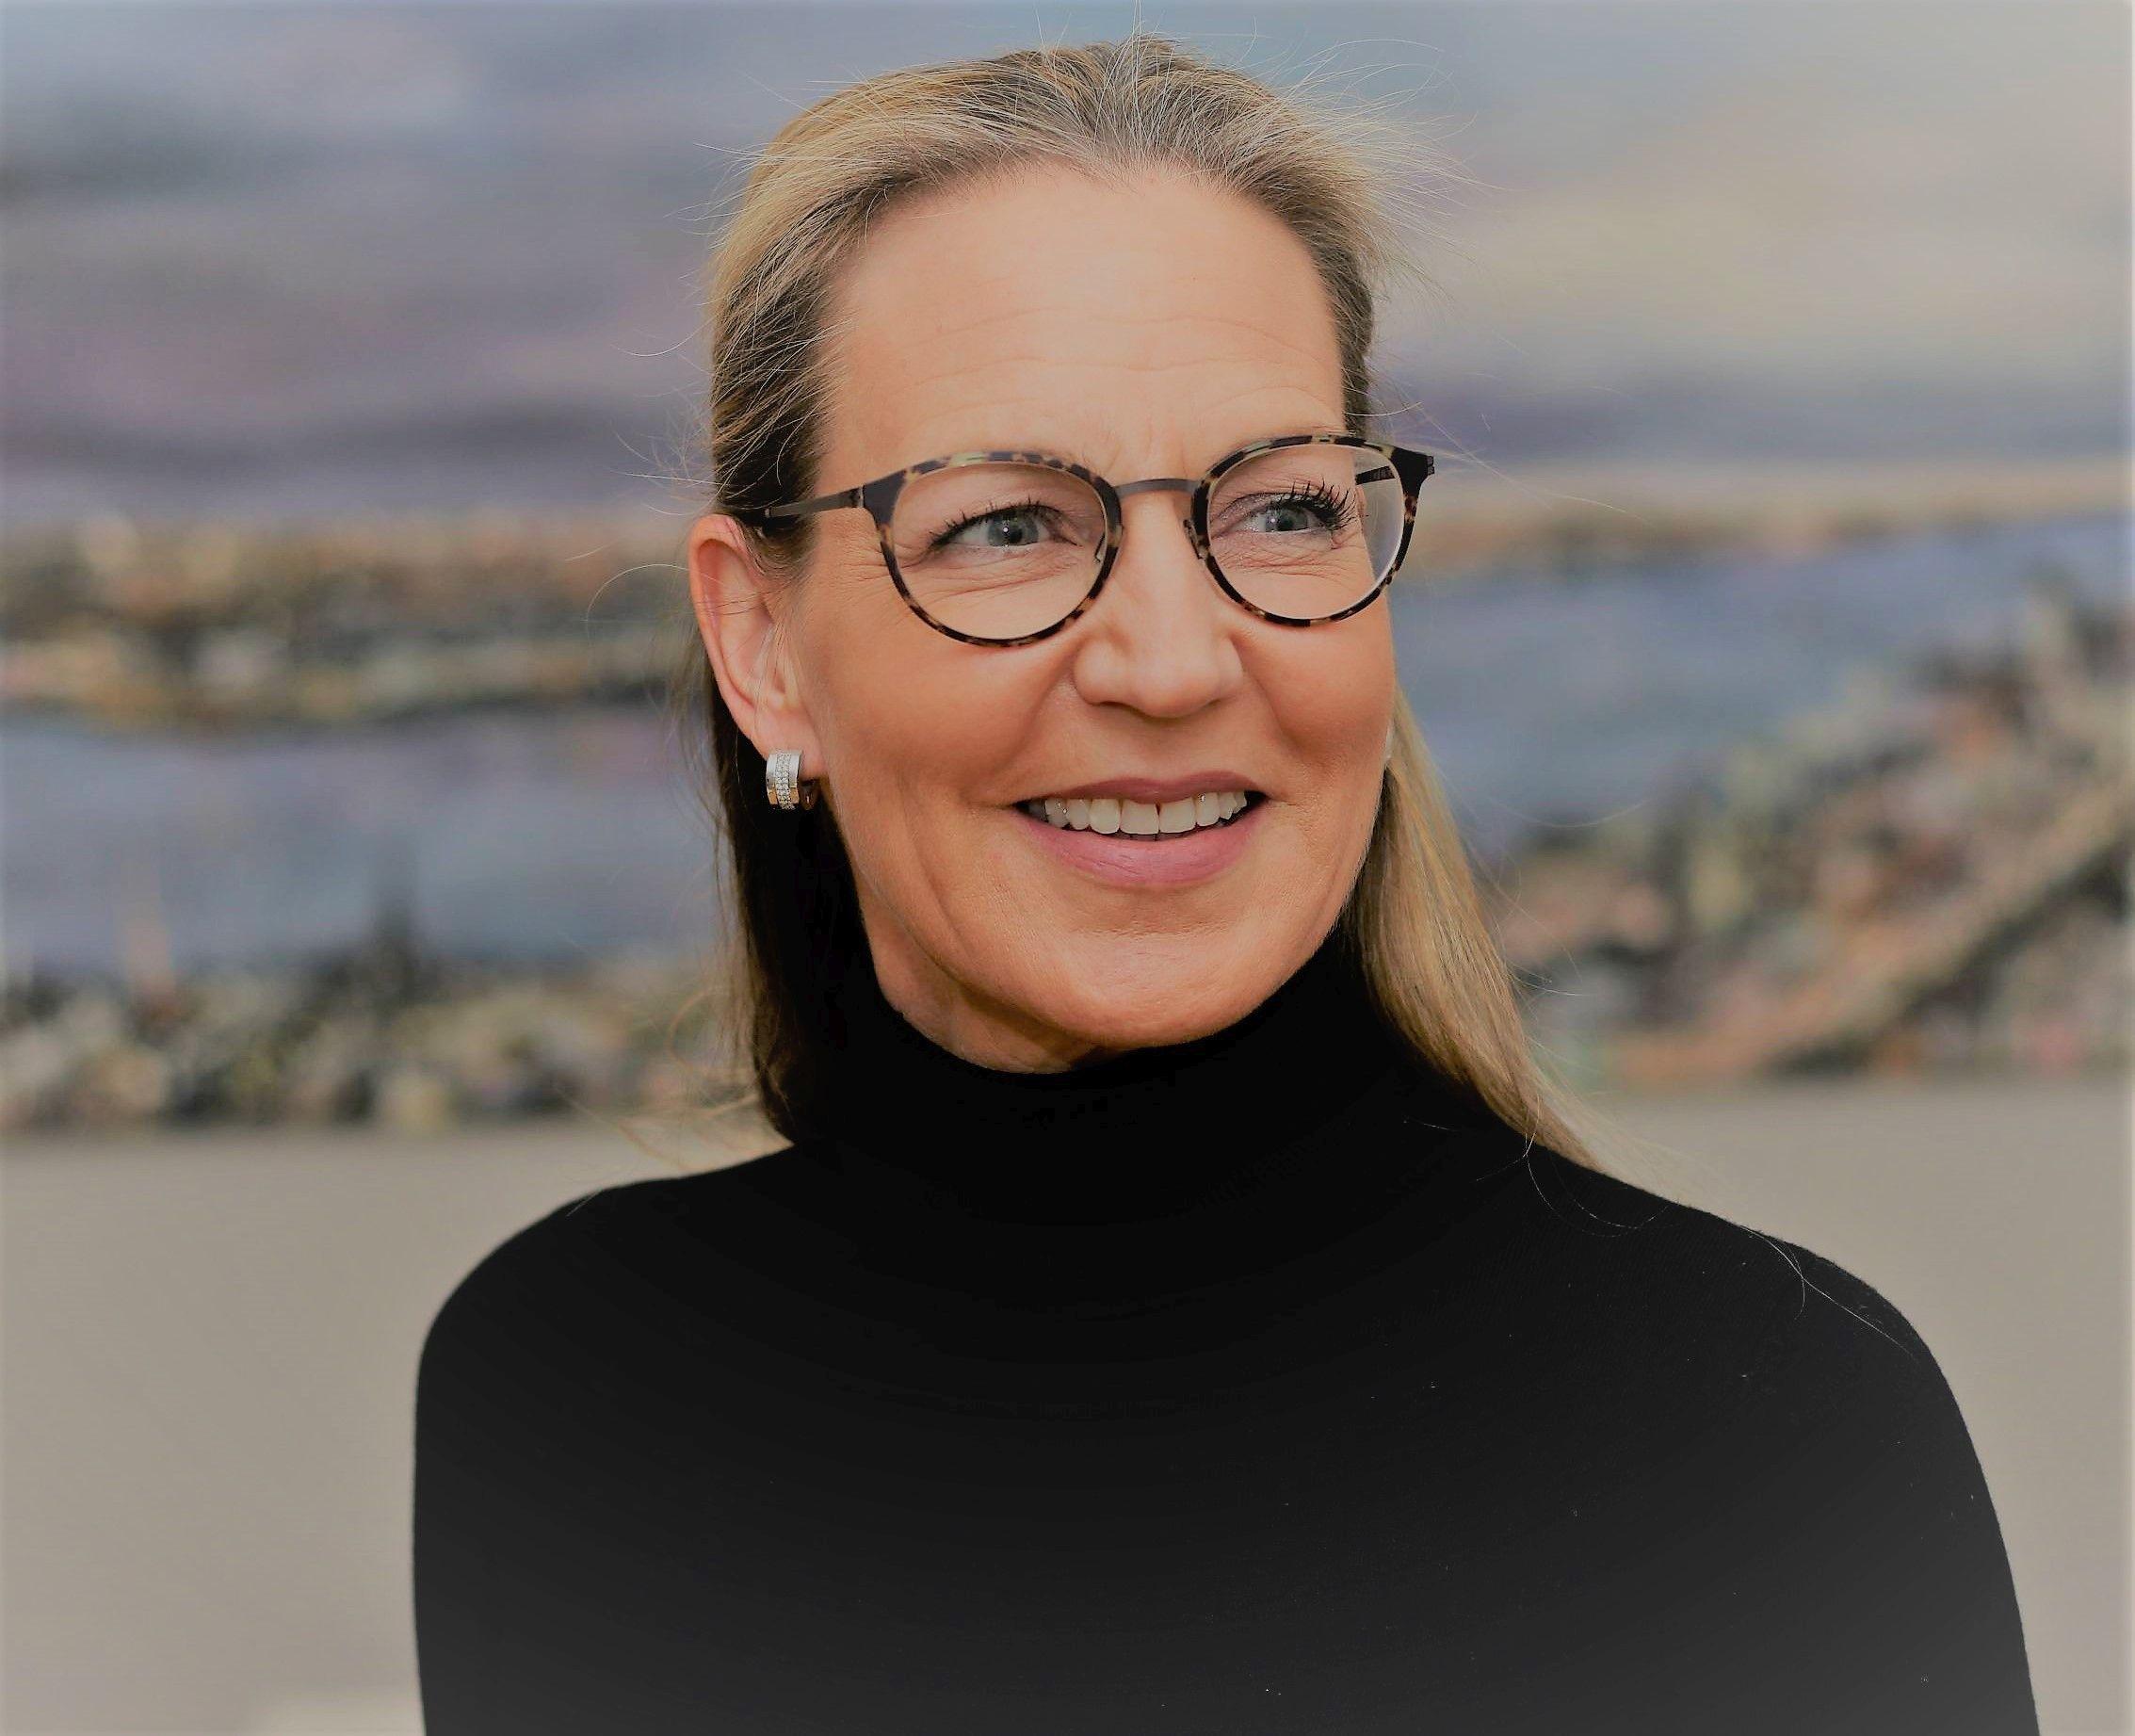 Profilbild von Natascha Meder